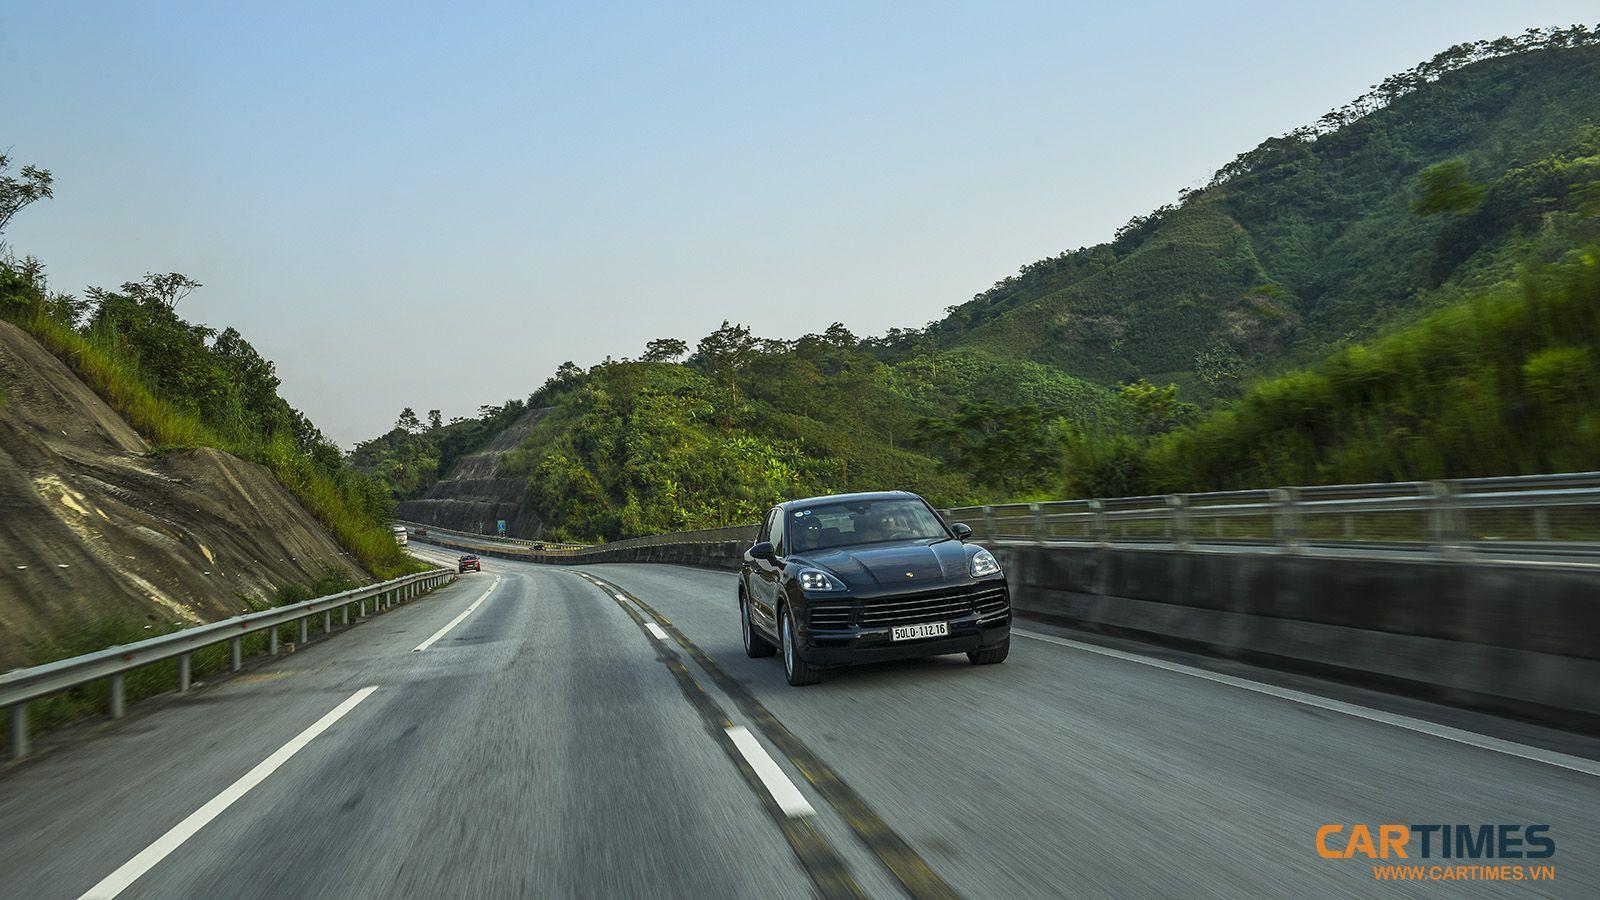 Porsche Cayenne và hành trình tìm vàng giữa lưng trời Đông Bắc - Hình 5